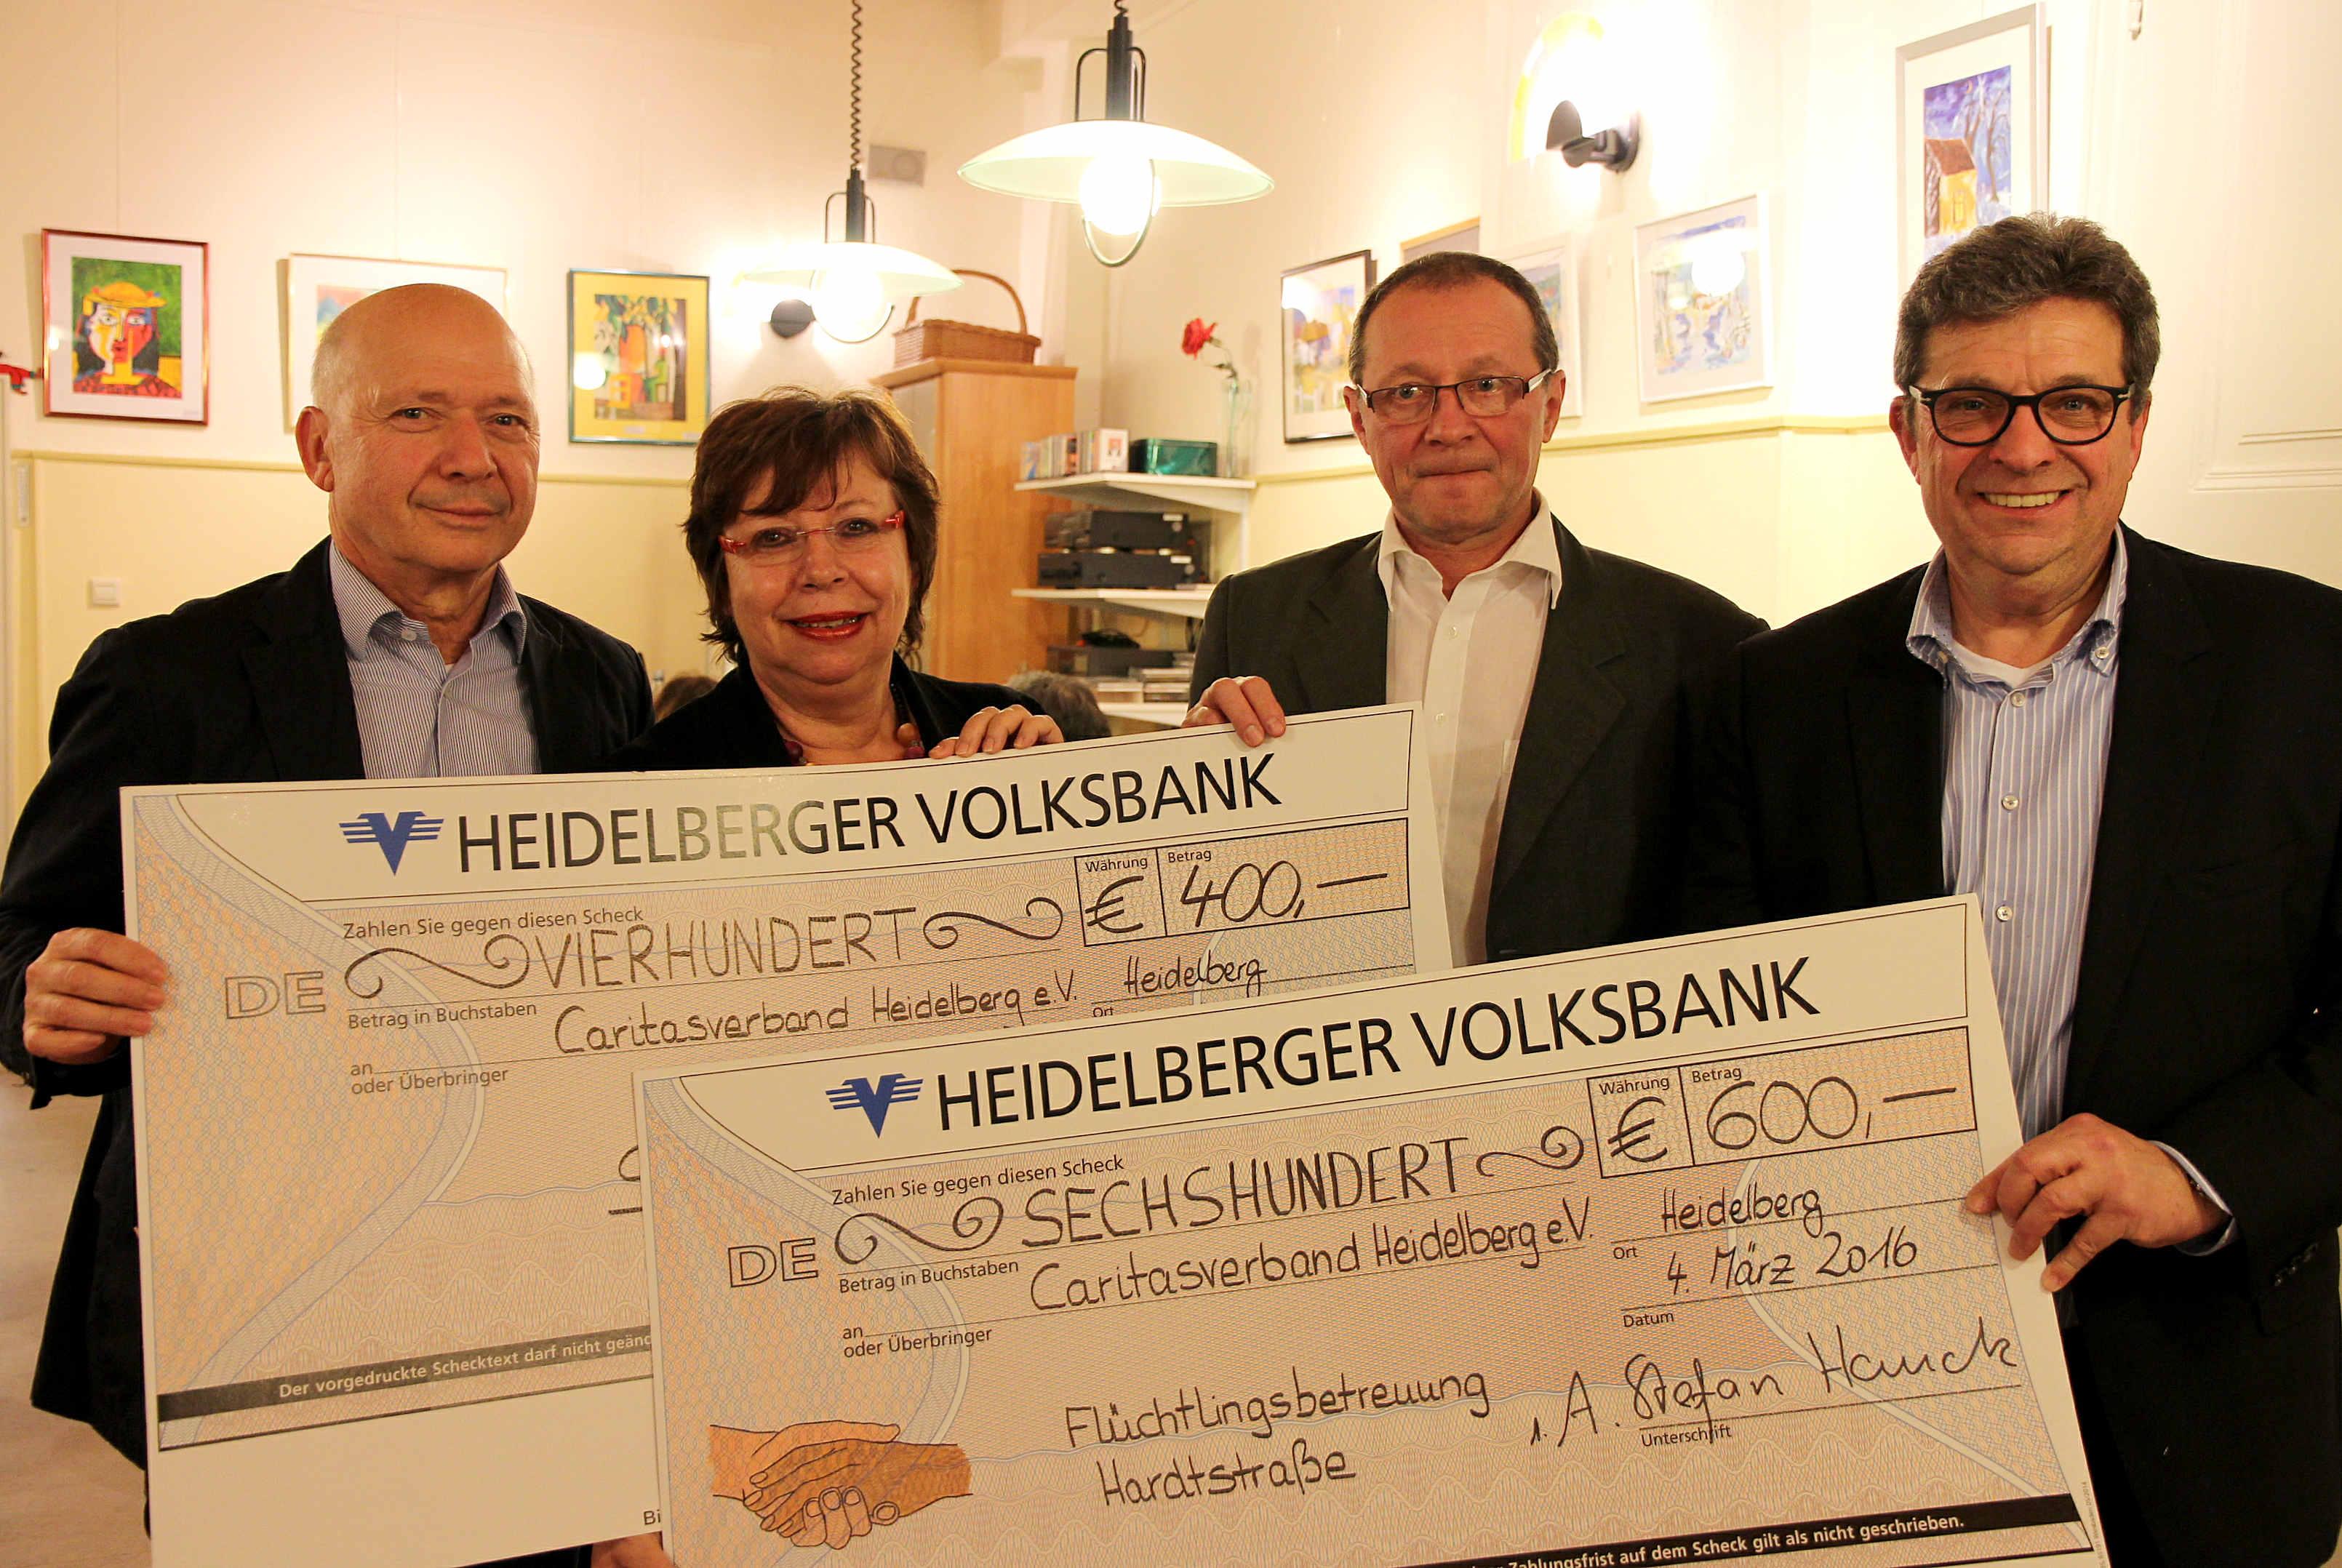 Caritas-Geschäftsführer Hubert Herrmann, Caritas-Vorsitzende Franziska Geiges-Heindl, Michael Söhner von der Volksbank und Stefan Hauck (v.l.) bei der Spendenübergabe.